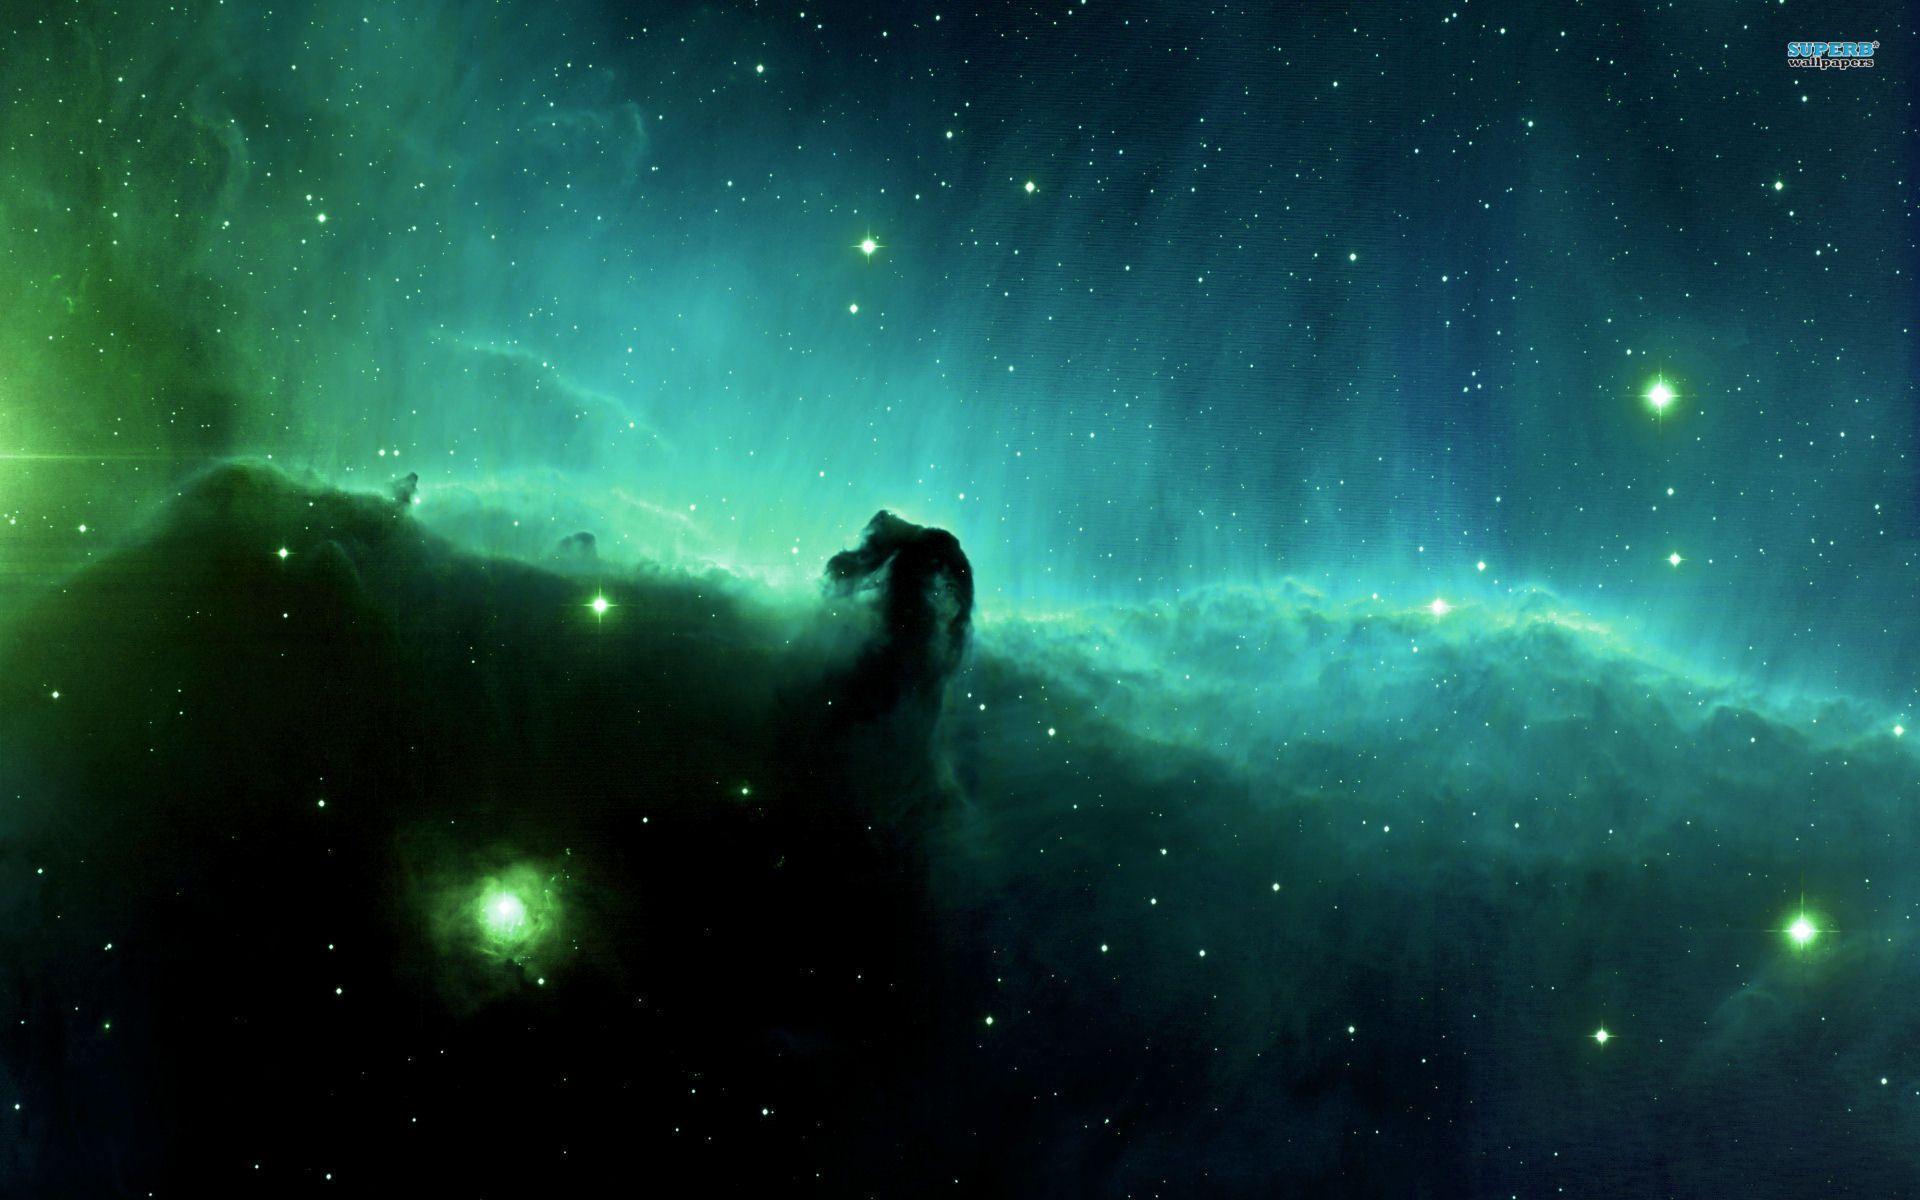 Top Wallpaper Horse Nebula - 4e65e8453fb2fdfccec7fc4459dc6a8a  Pic_648497.jpg